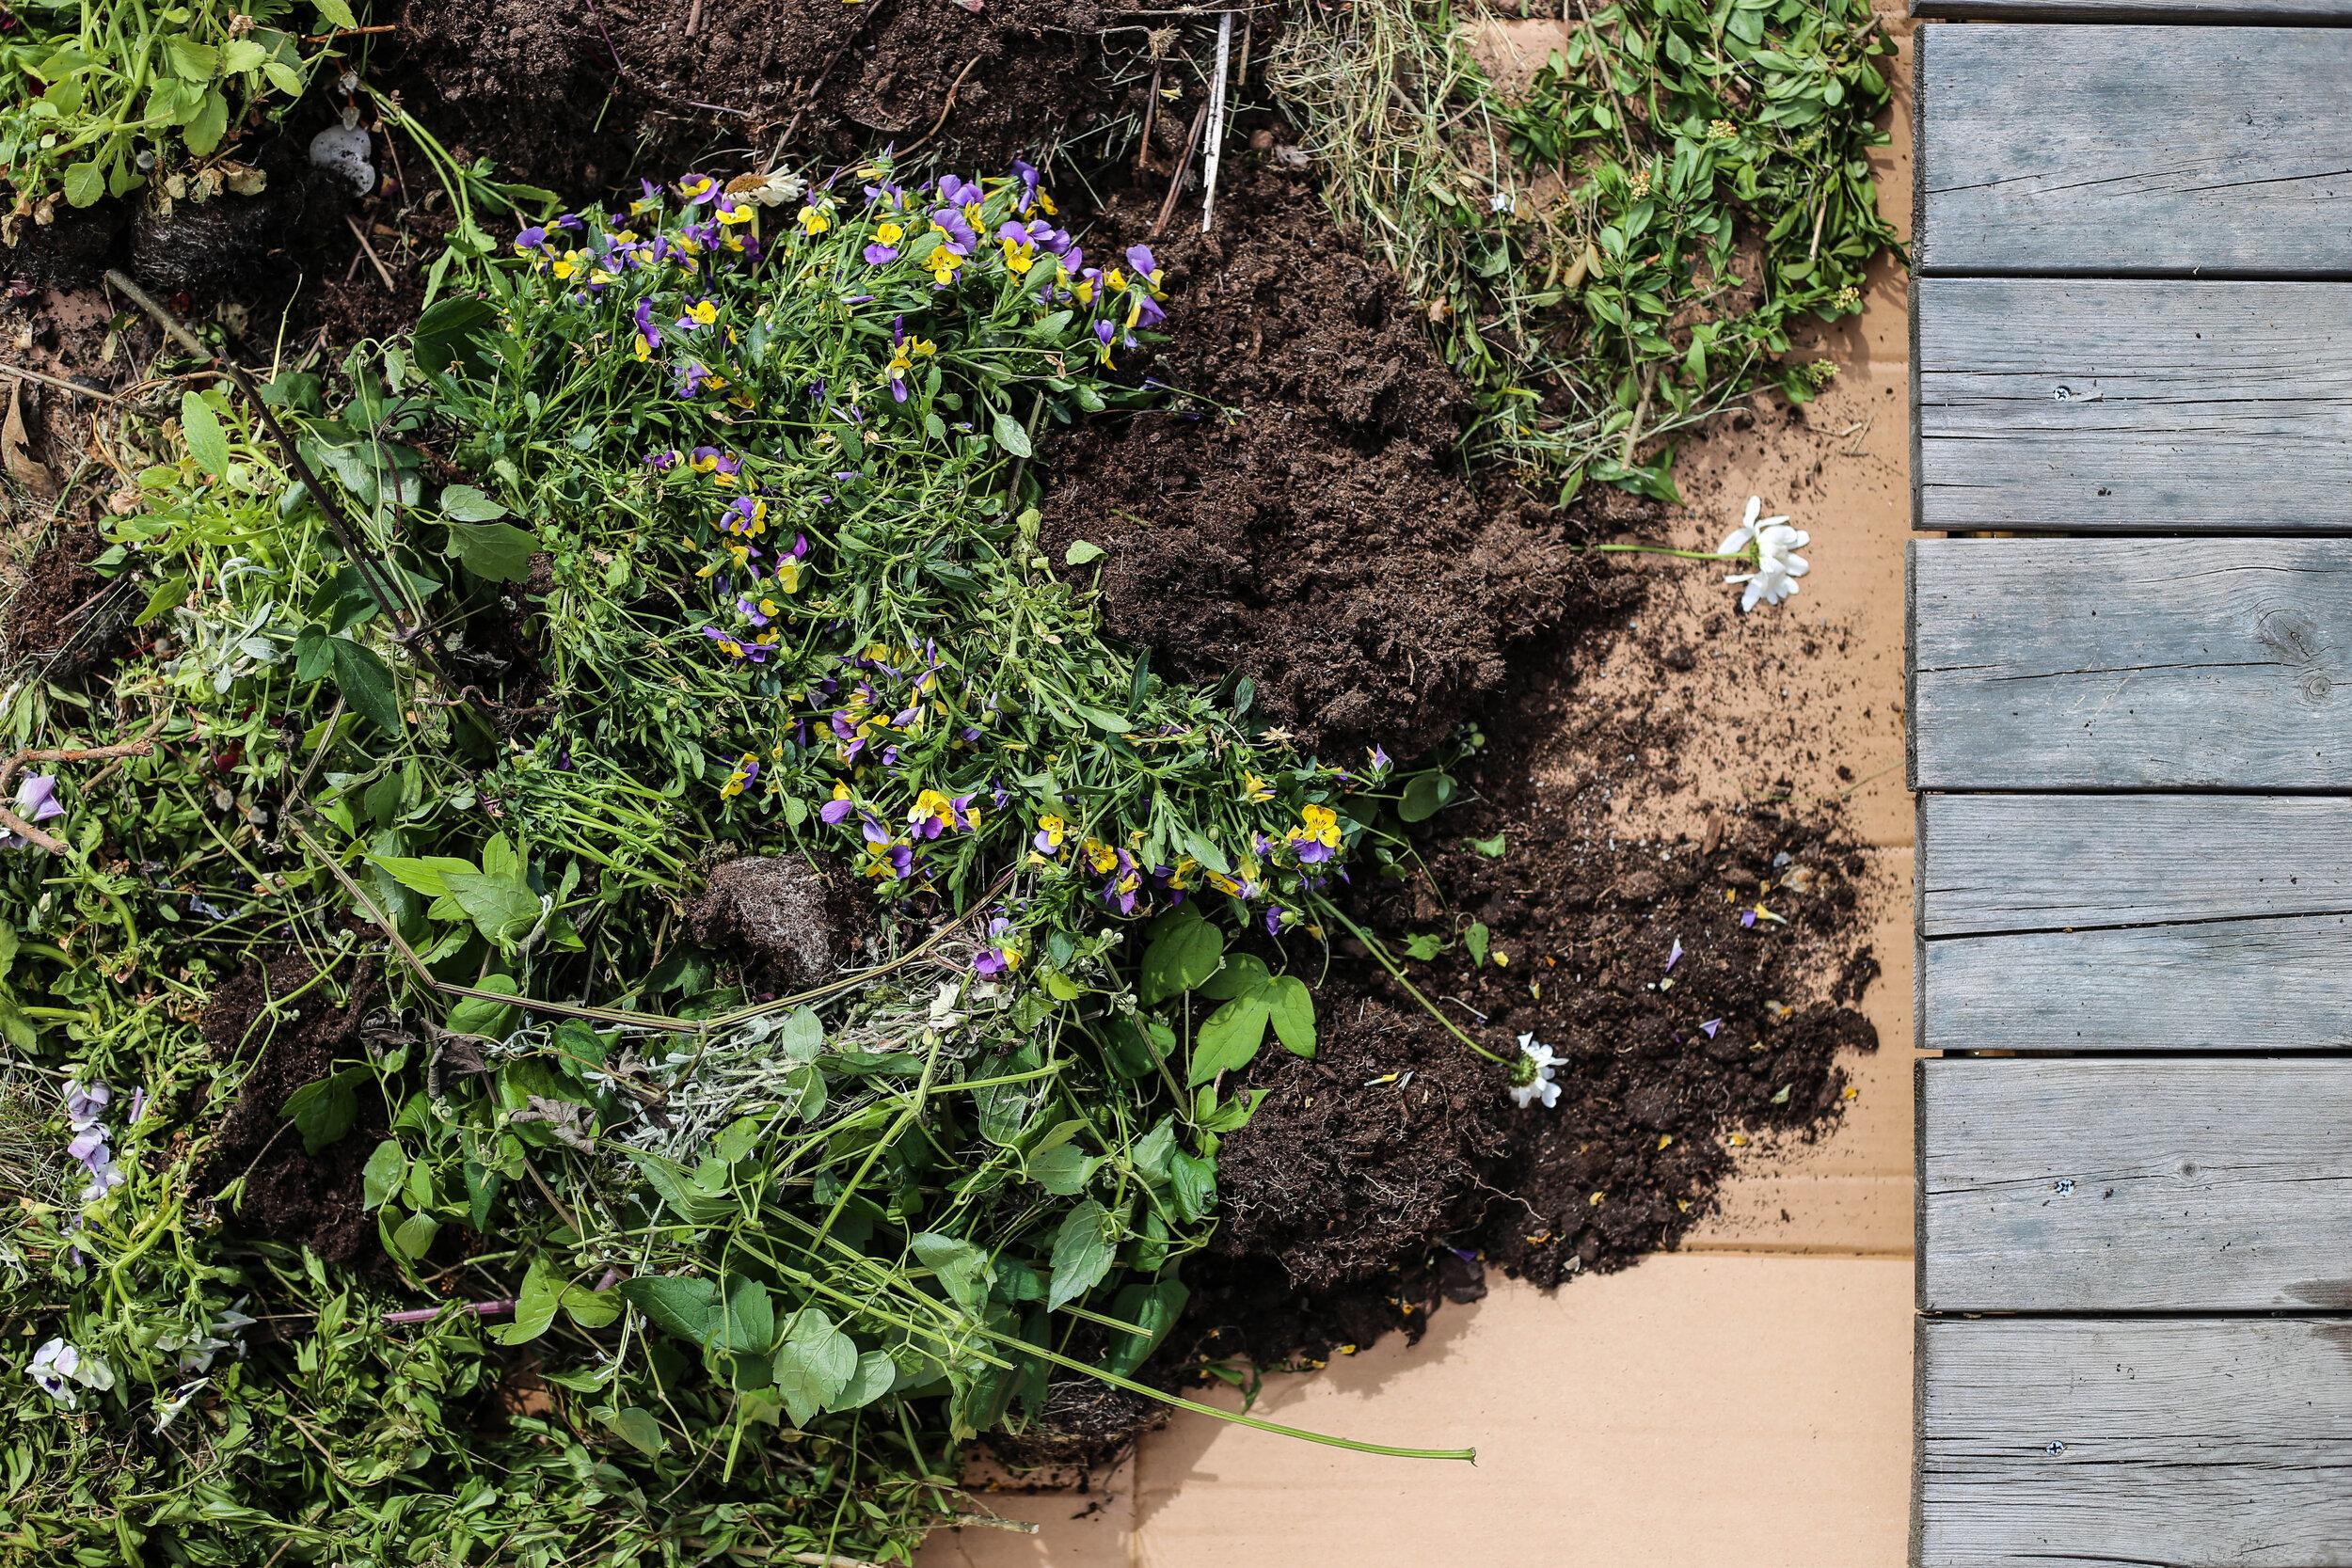 Täck kartongen med allt trädgårdsbös som finns. Jag tömmer gärna jorden från mina krukor med sommarblommor och tomater. Ovanpå detta lägger jag ett lager med matjord eller Hasselfors P-jord.